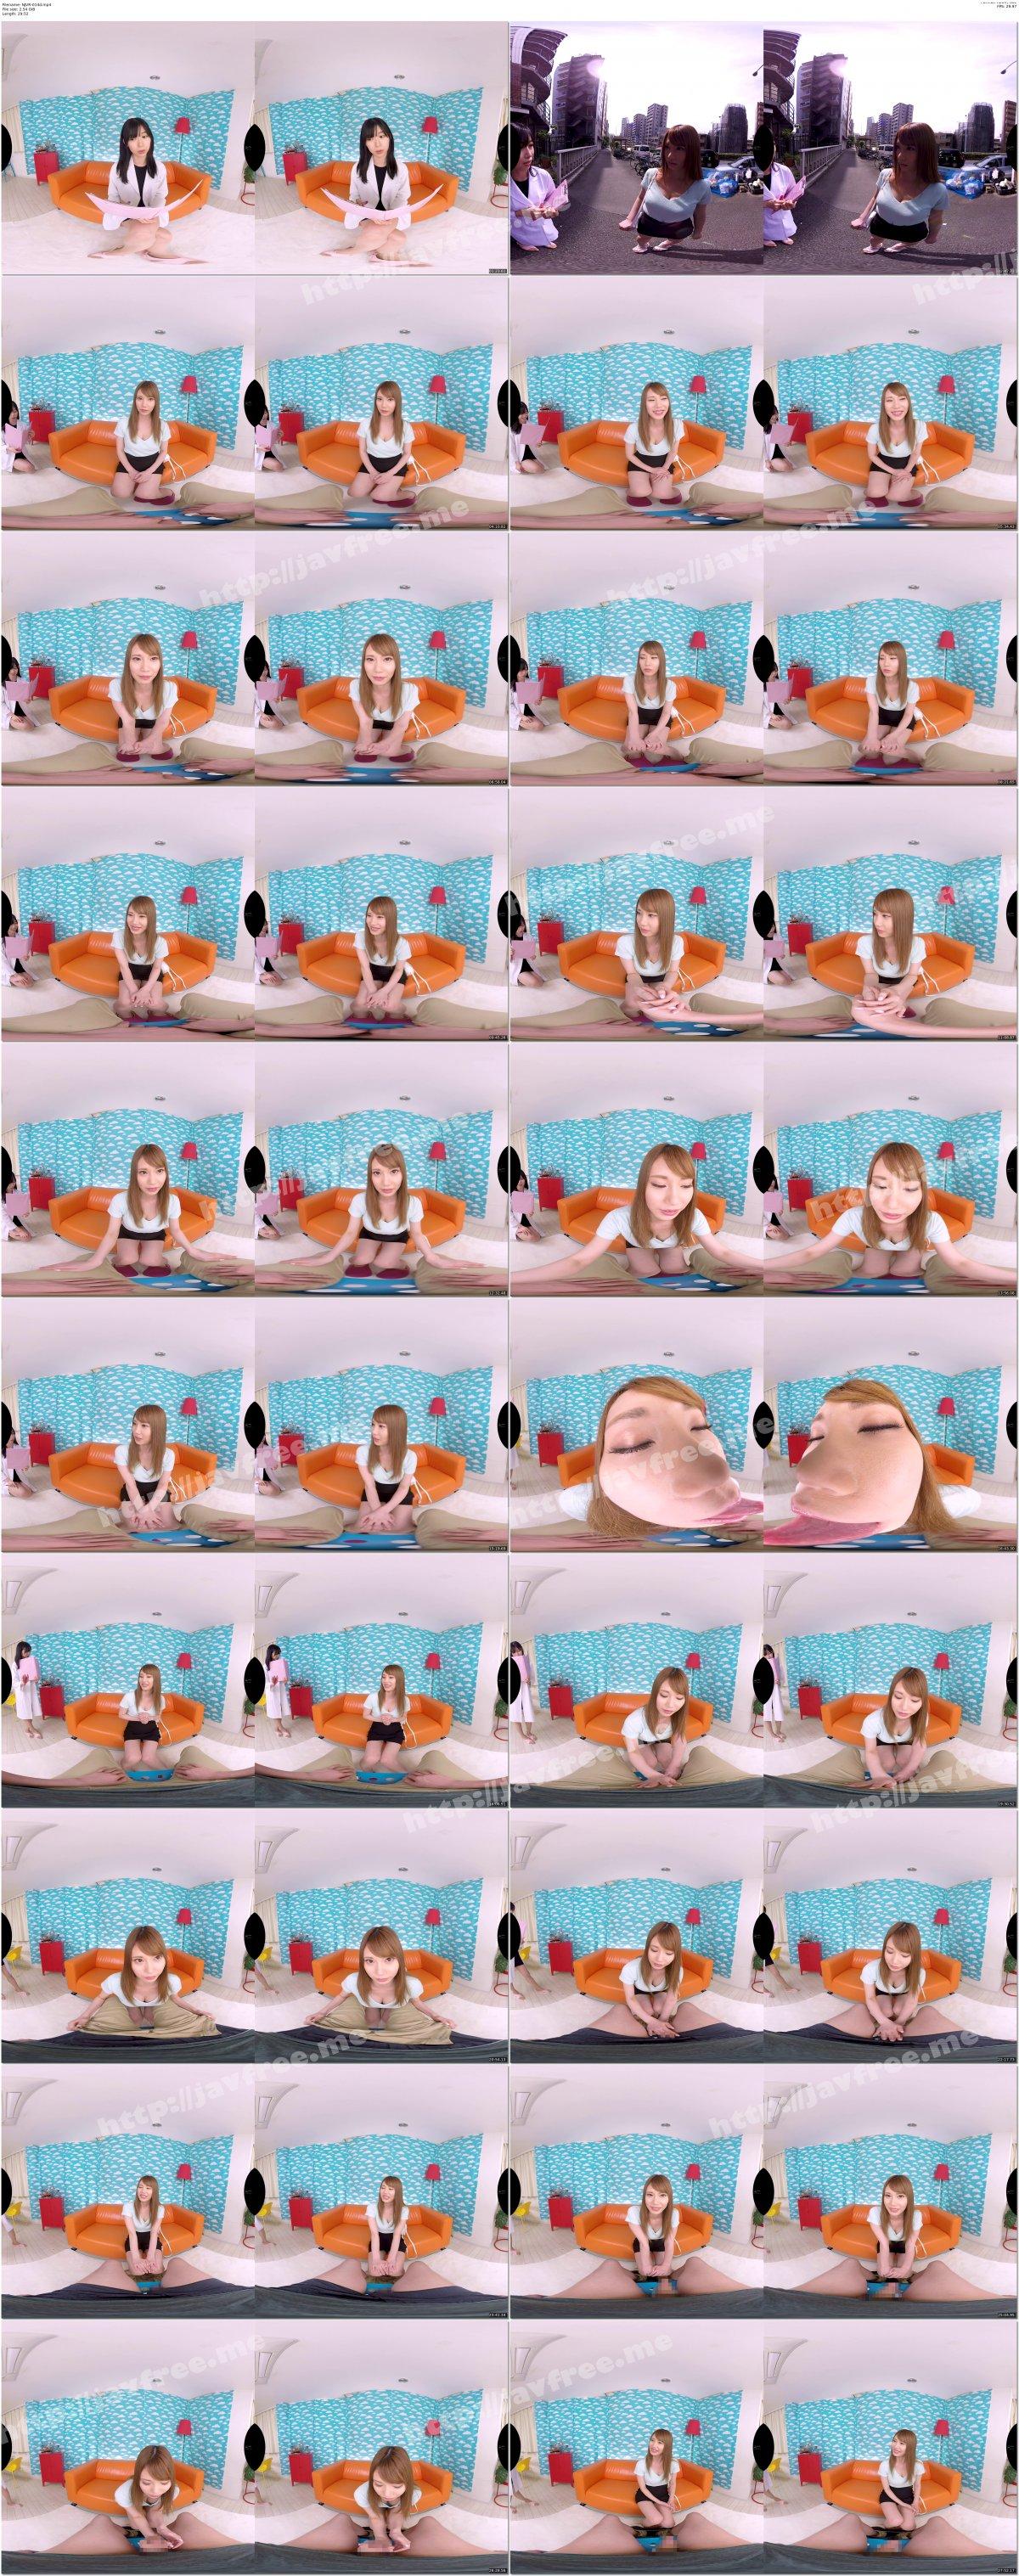 [NJVR-014] 【VR】2タイトル収録!ナンパJAPAN人気シリーズ童貞筆おろし体験VR 優しすぎるお姉さんは自慢のおっぱいでパイズリ射精!だけのつもりが童貞喪失筆おろしセックスまでしてくれました。 - image NJVR-014d on https://javfree.me